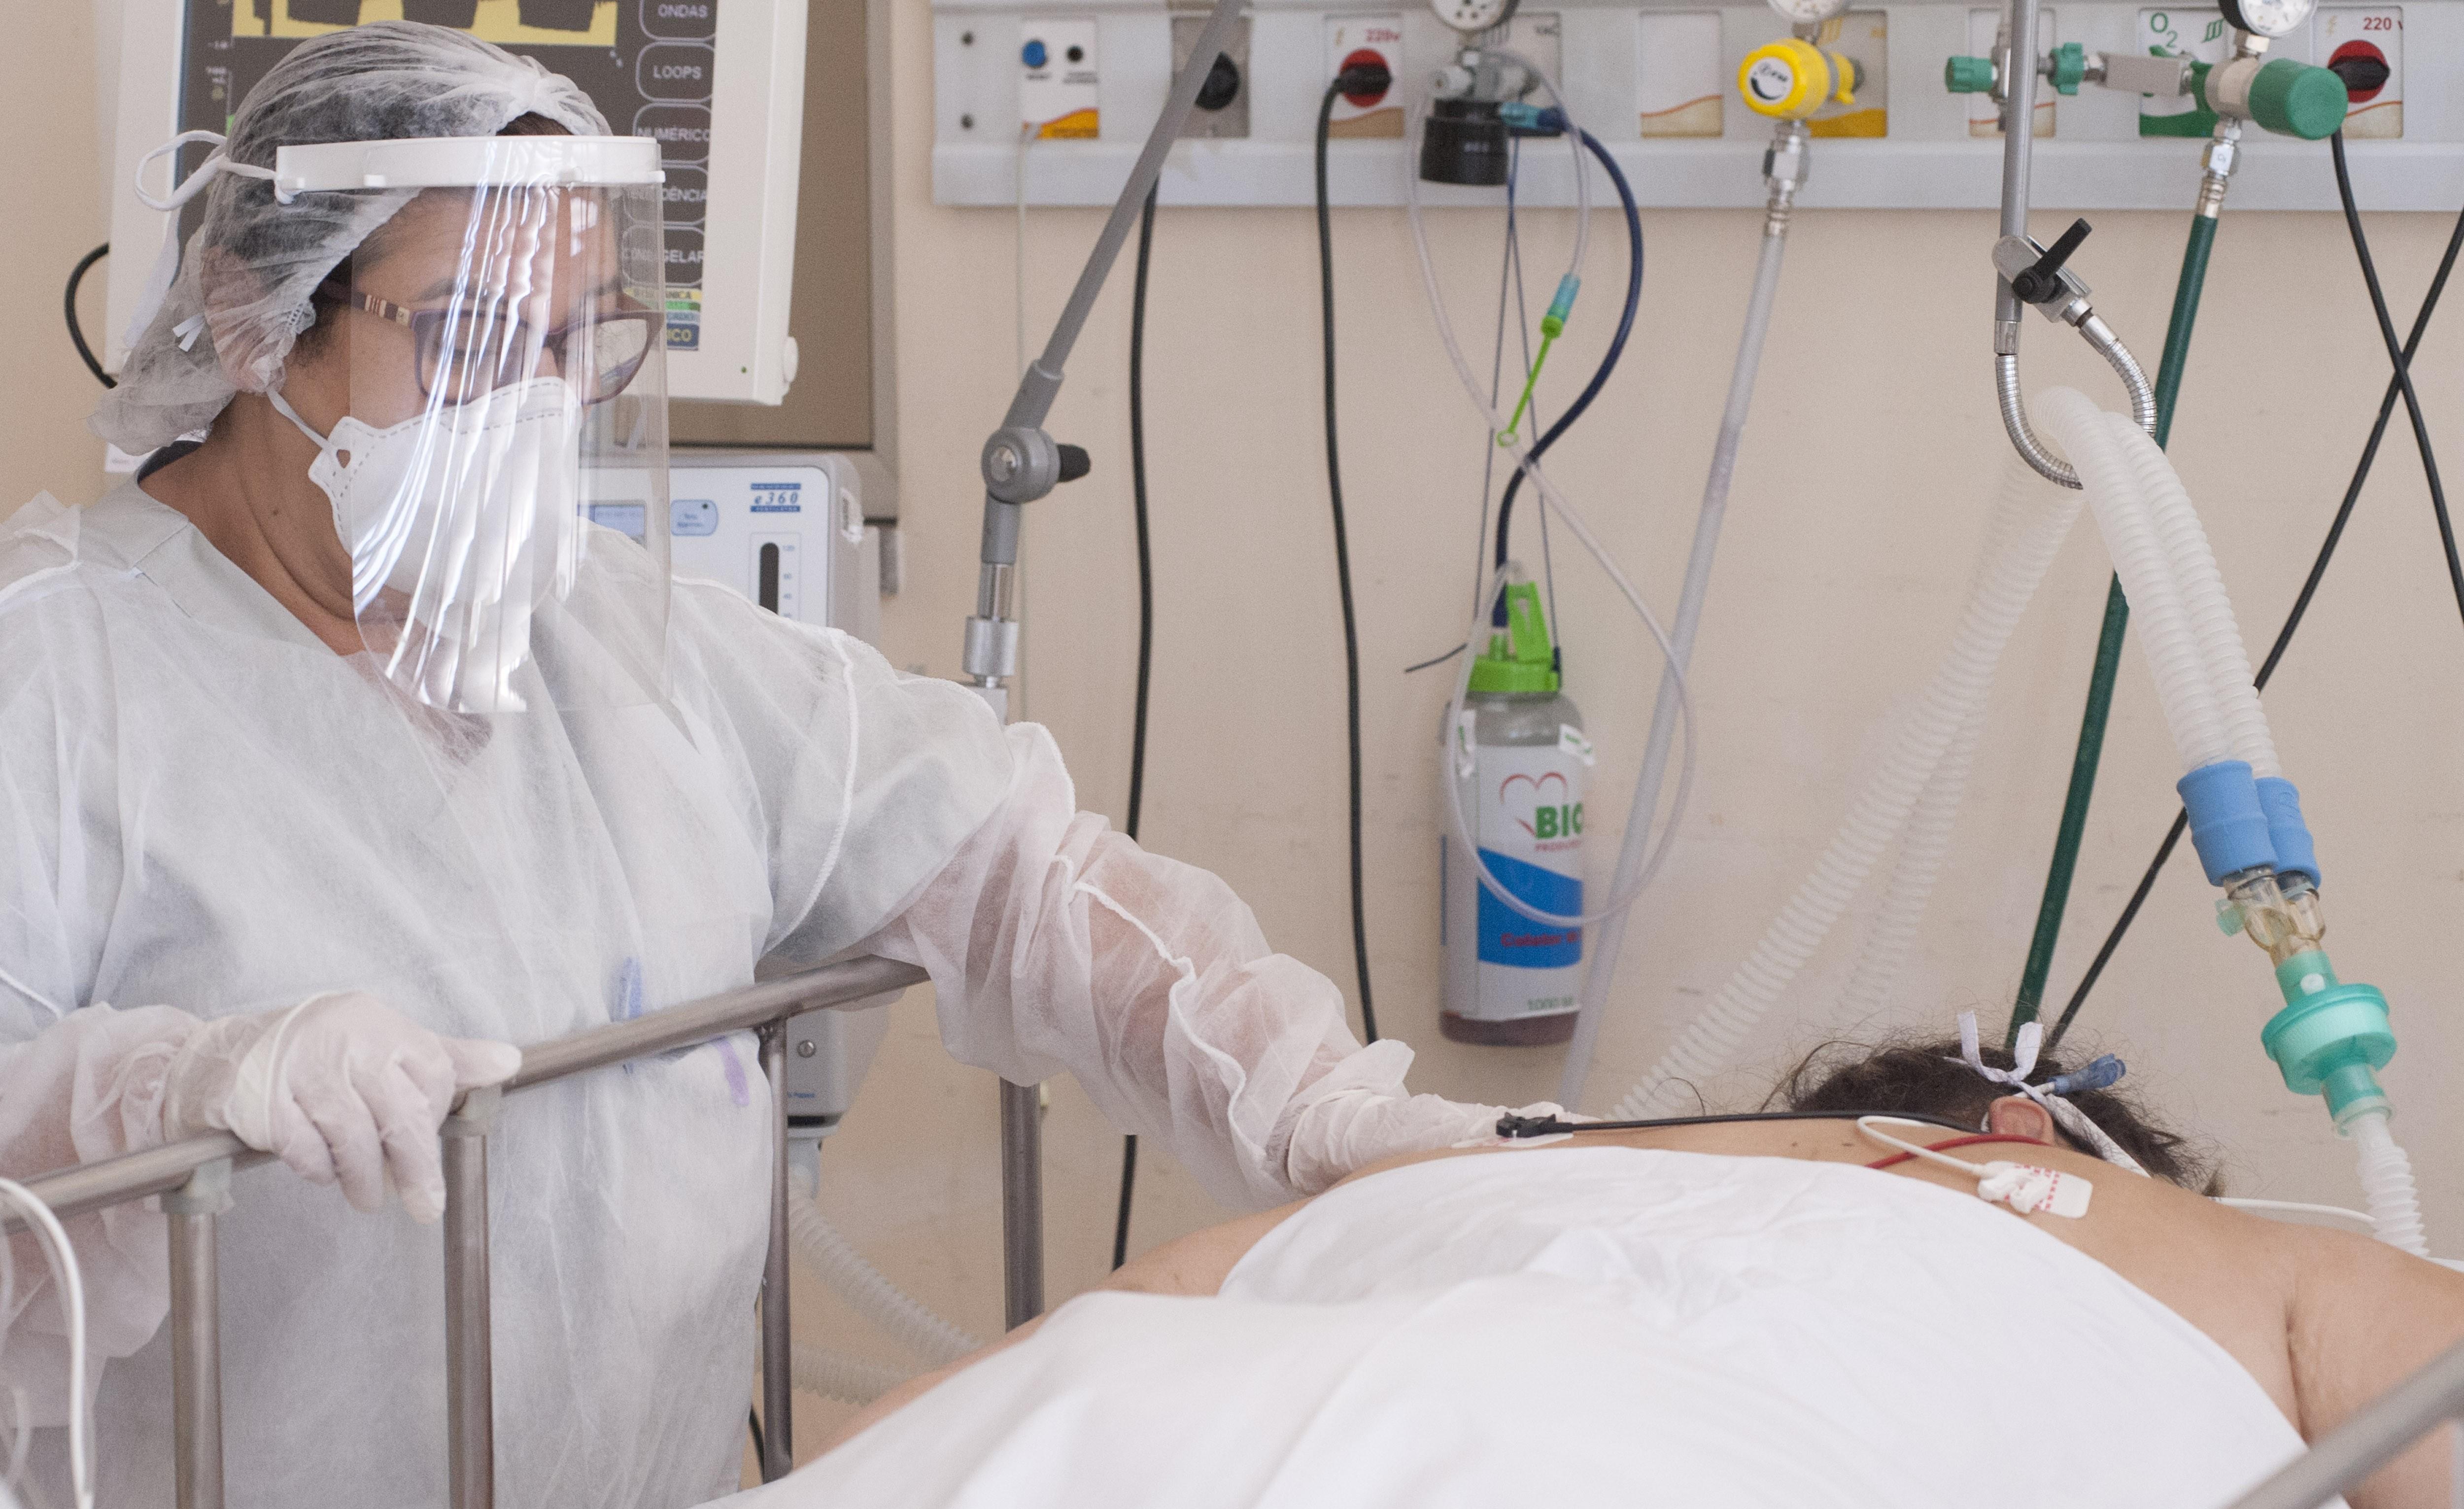 Procon-SP pede a ANS que fiscalize hospitais de redes próprias de planos de saúde